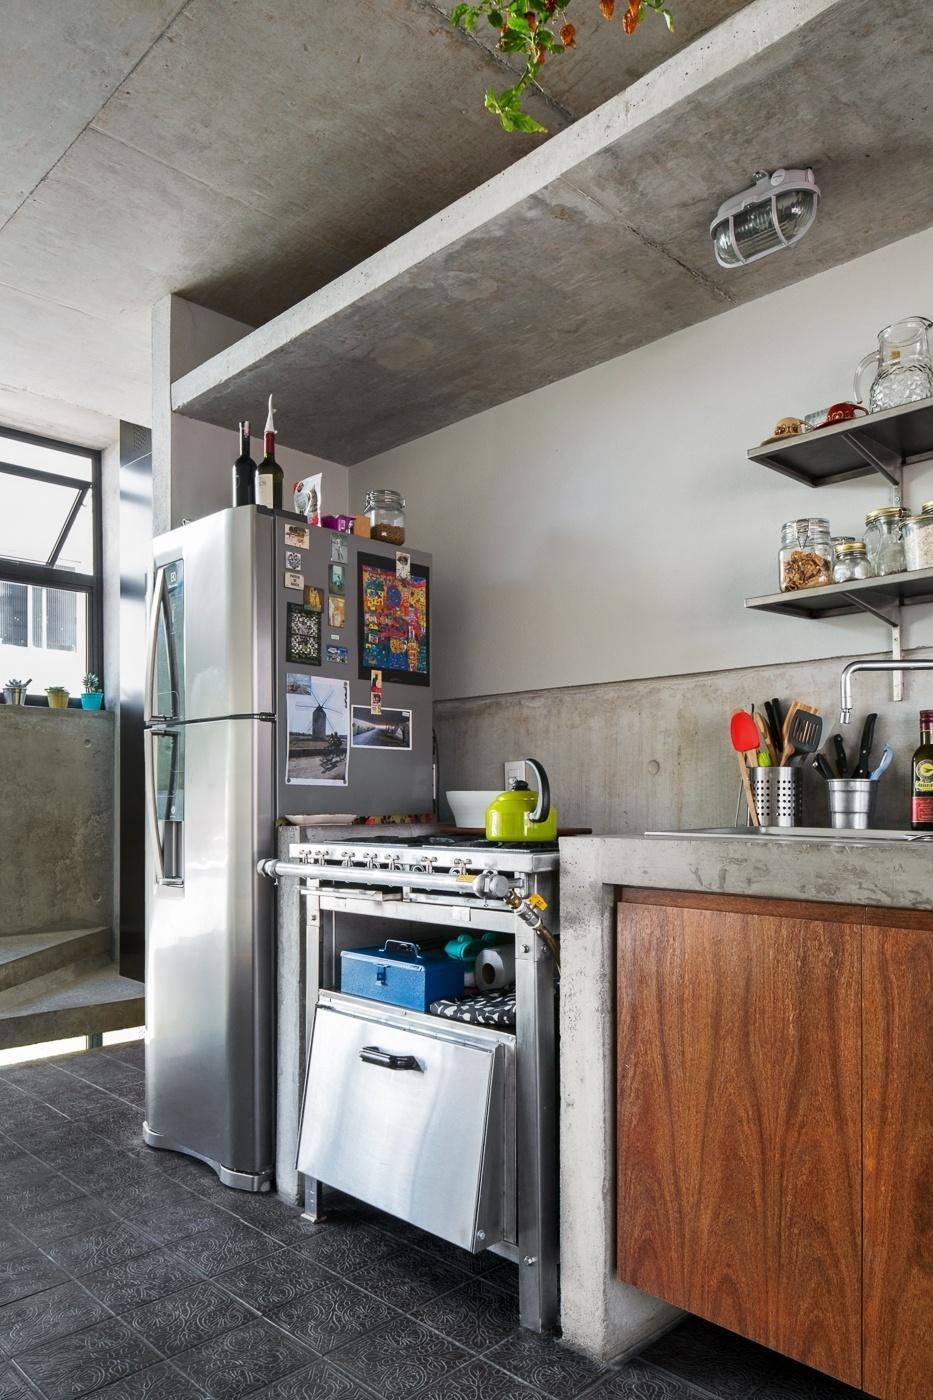 Ao cinza do concreto que compõe paredes e forro é alinhado o aço dos eletrodomésticos e o tom chumbo do ladrilho hidráulico, da Ladrilhar. A decoração do apê Vila Aspicuelta leva a assinatura do arquitetos Rafael Loschiavo e Veronica Molina